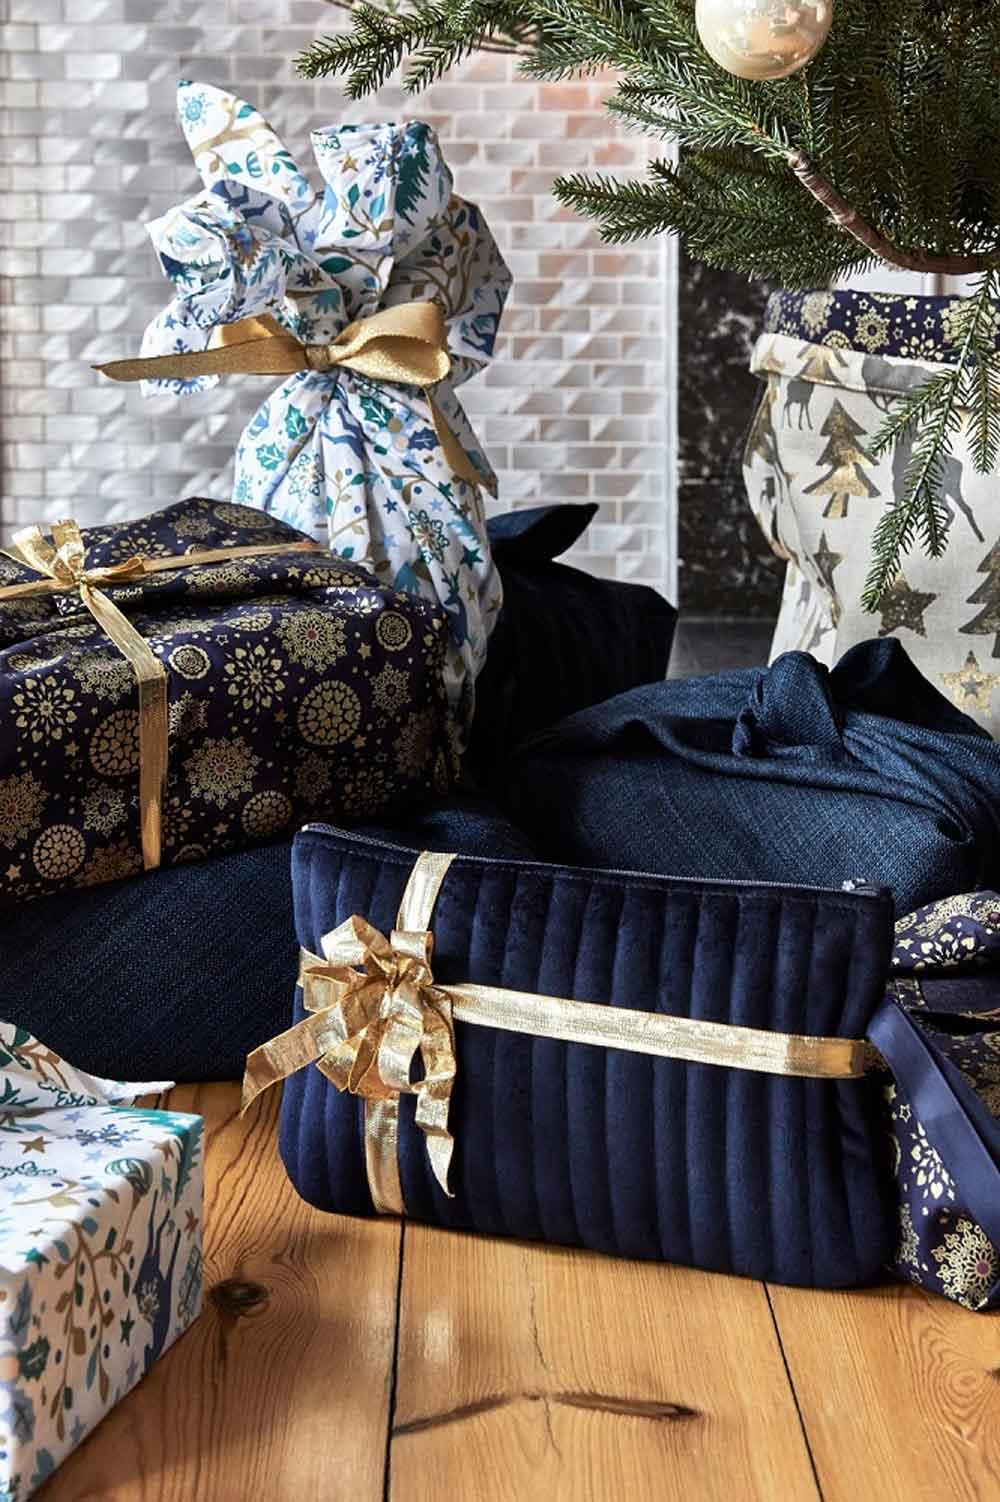 geschenke-verpacken-mt-stofferie_erster-frost_geschenkverpackung-decohome.de_